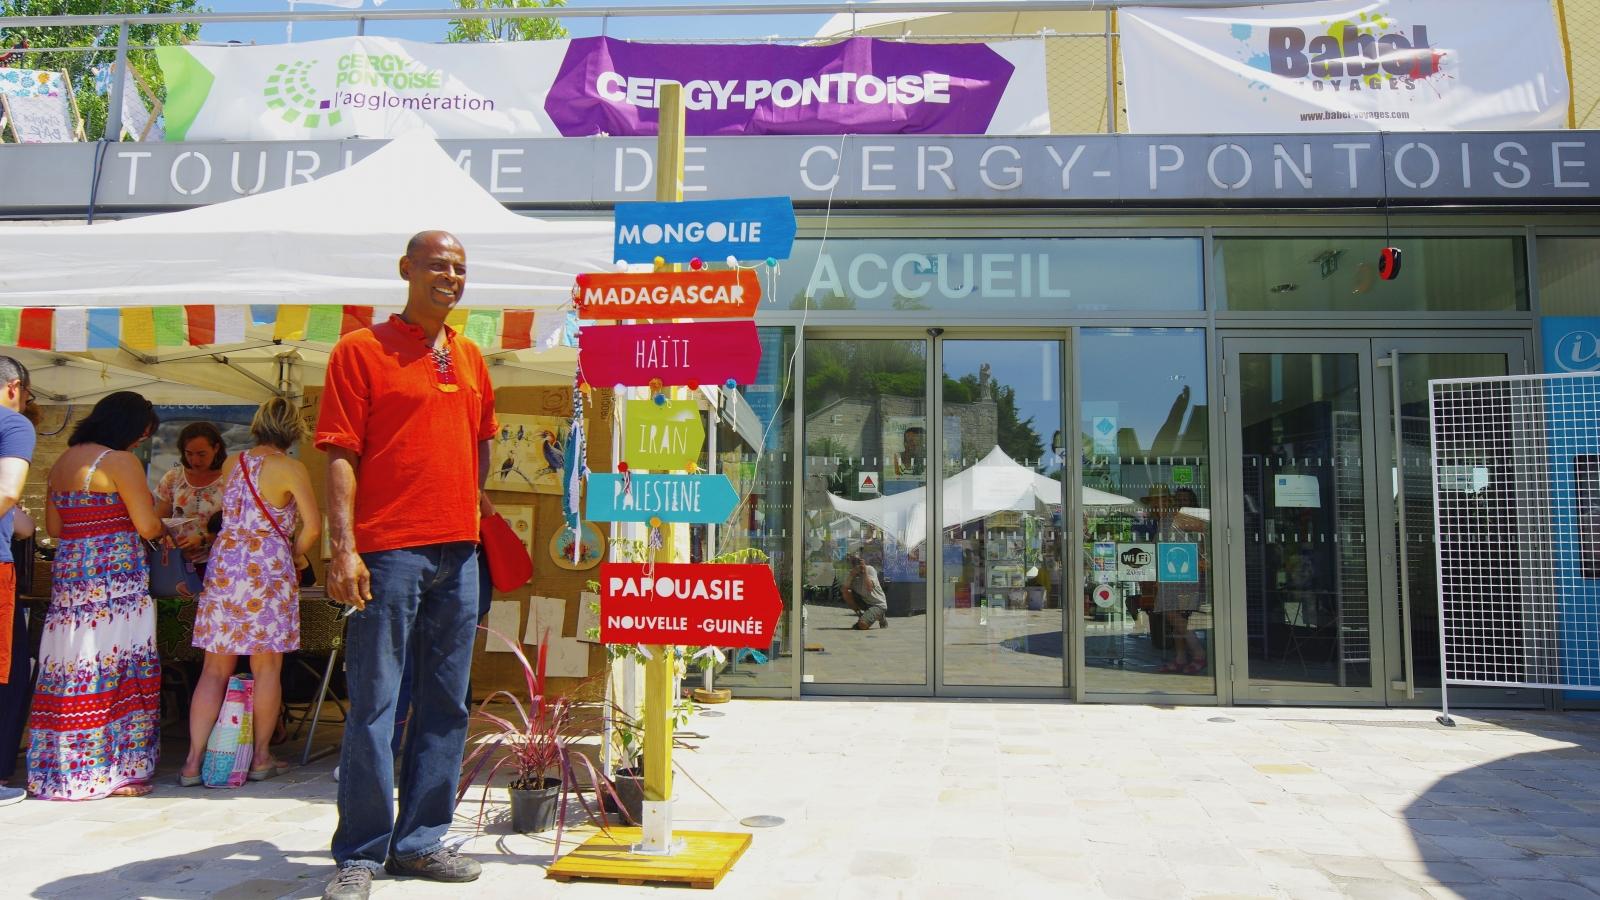 Photo d'un homme et de pancartes prise devant l'office de tourisme de Cergy-Pontoise en 2017 lors du No Mad Festival sur la thématique Haïti